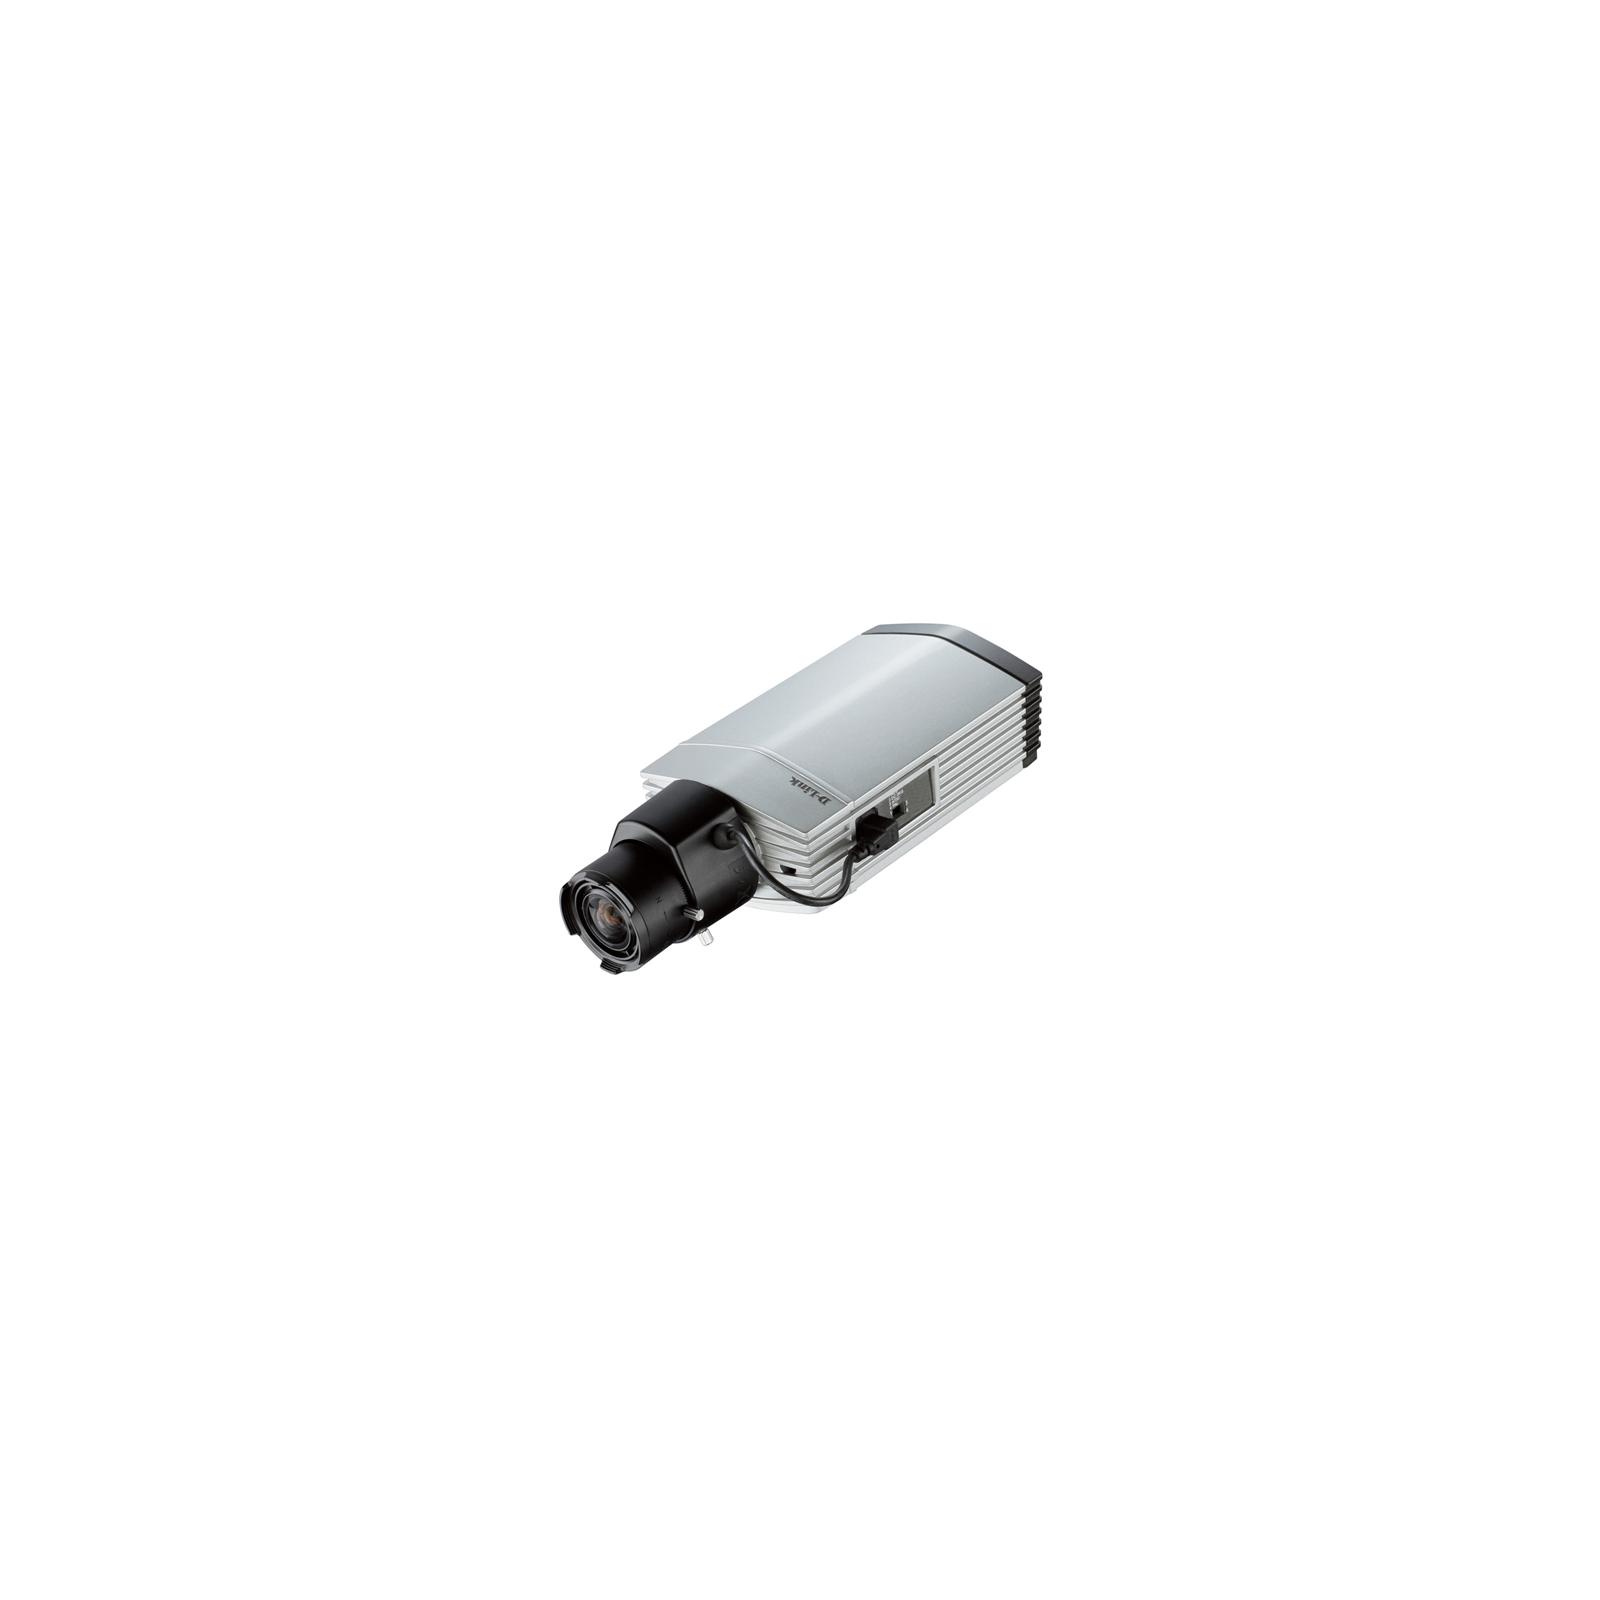 Сетевая камера D-Link DCS-3716 изображение 2